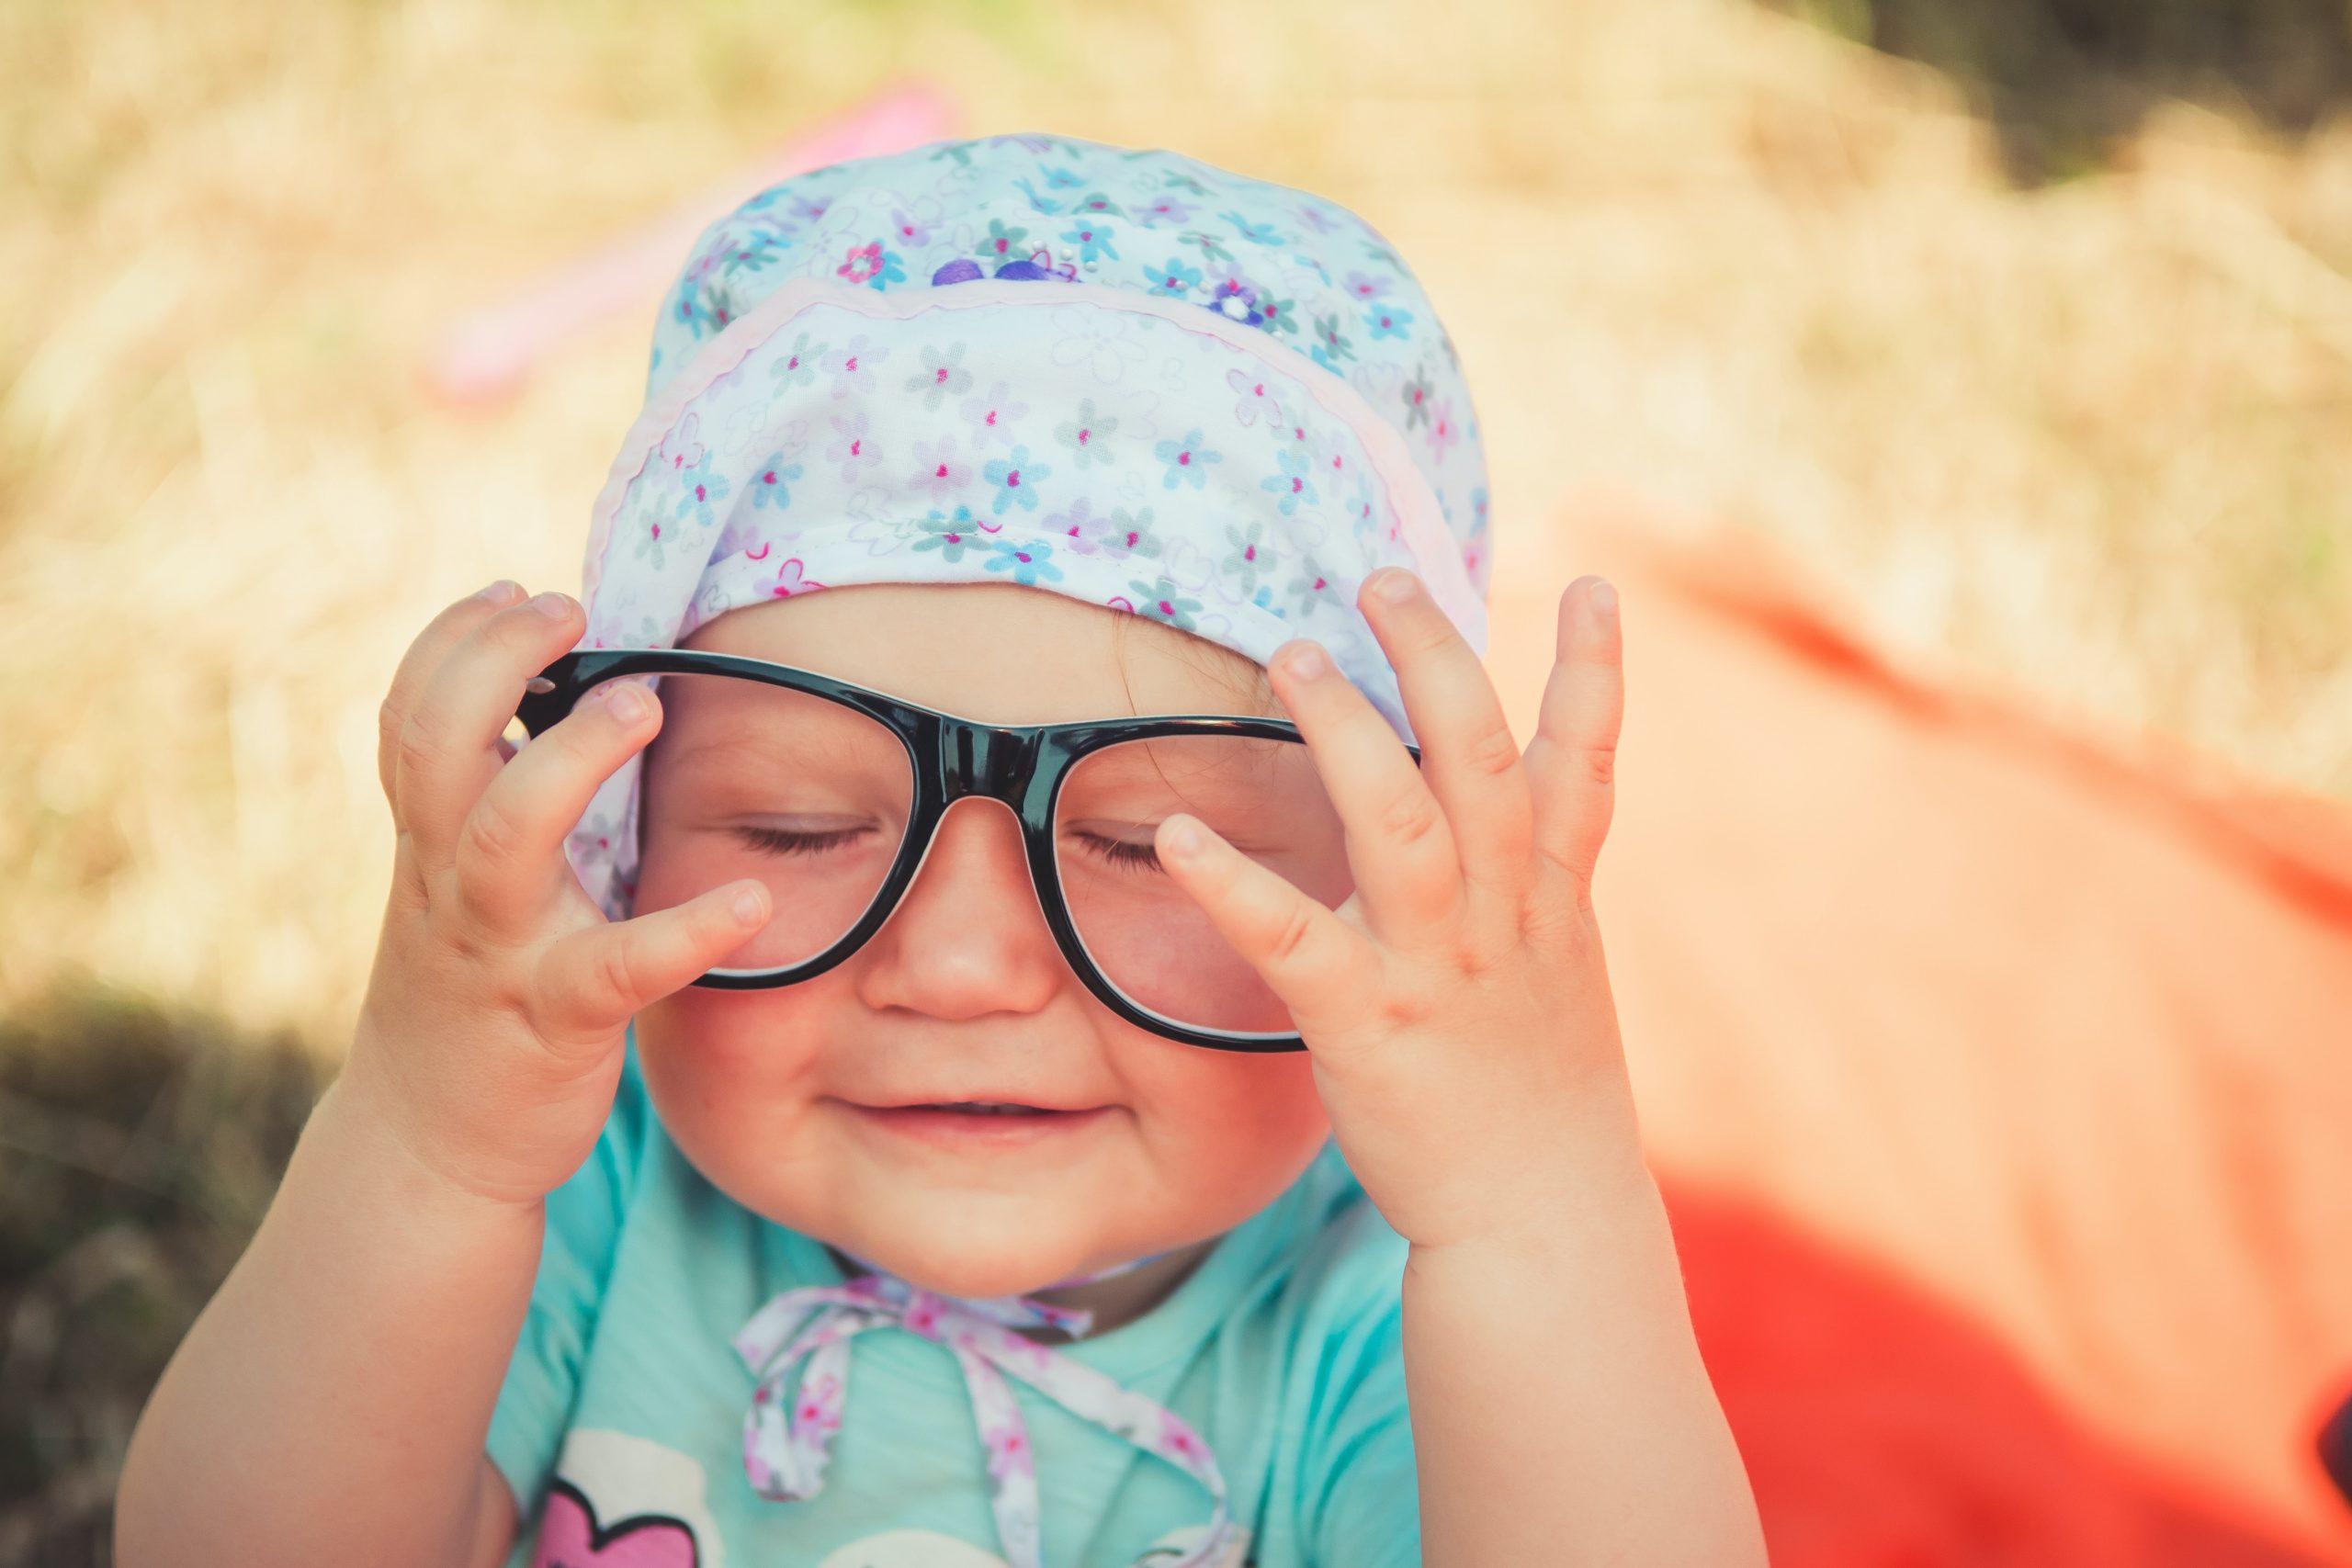 Optika Dobrichovice mereni zraku oci zdarma deti